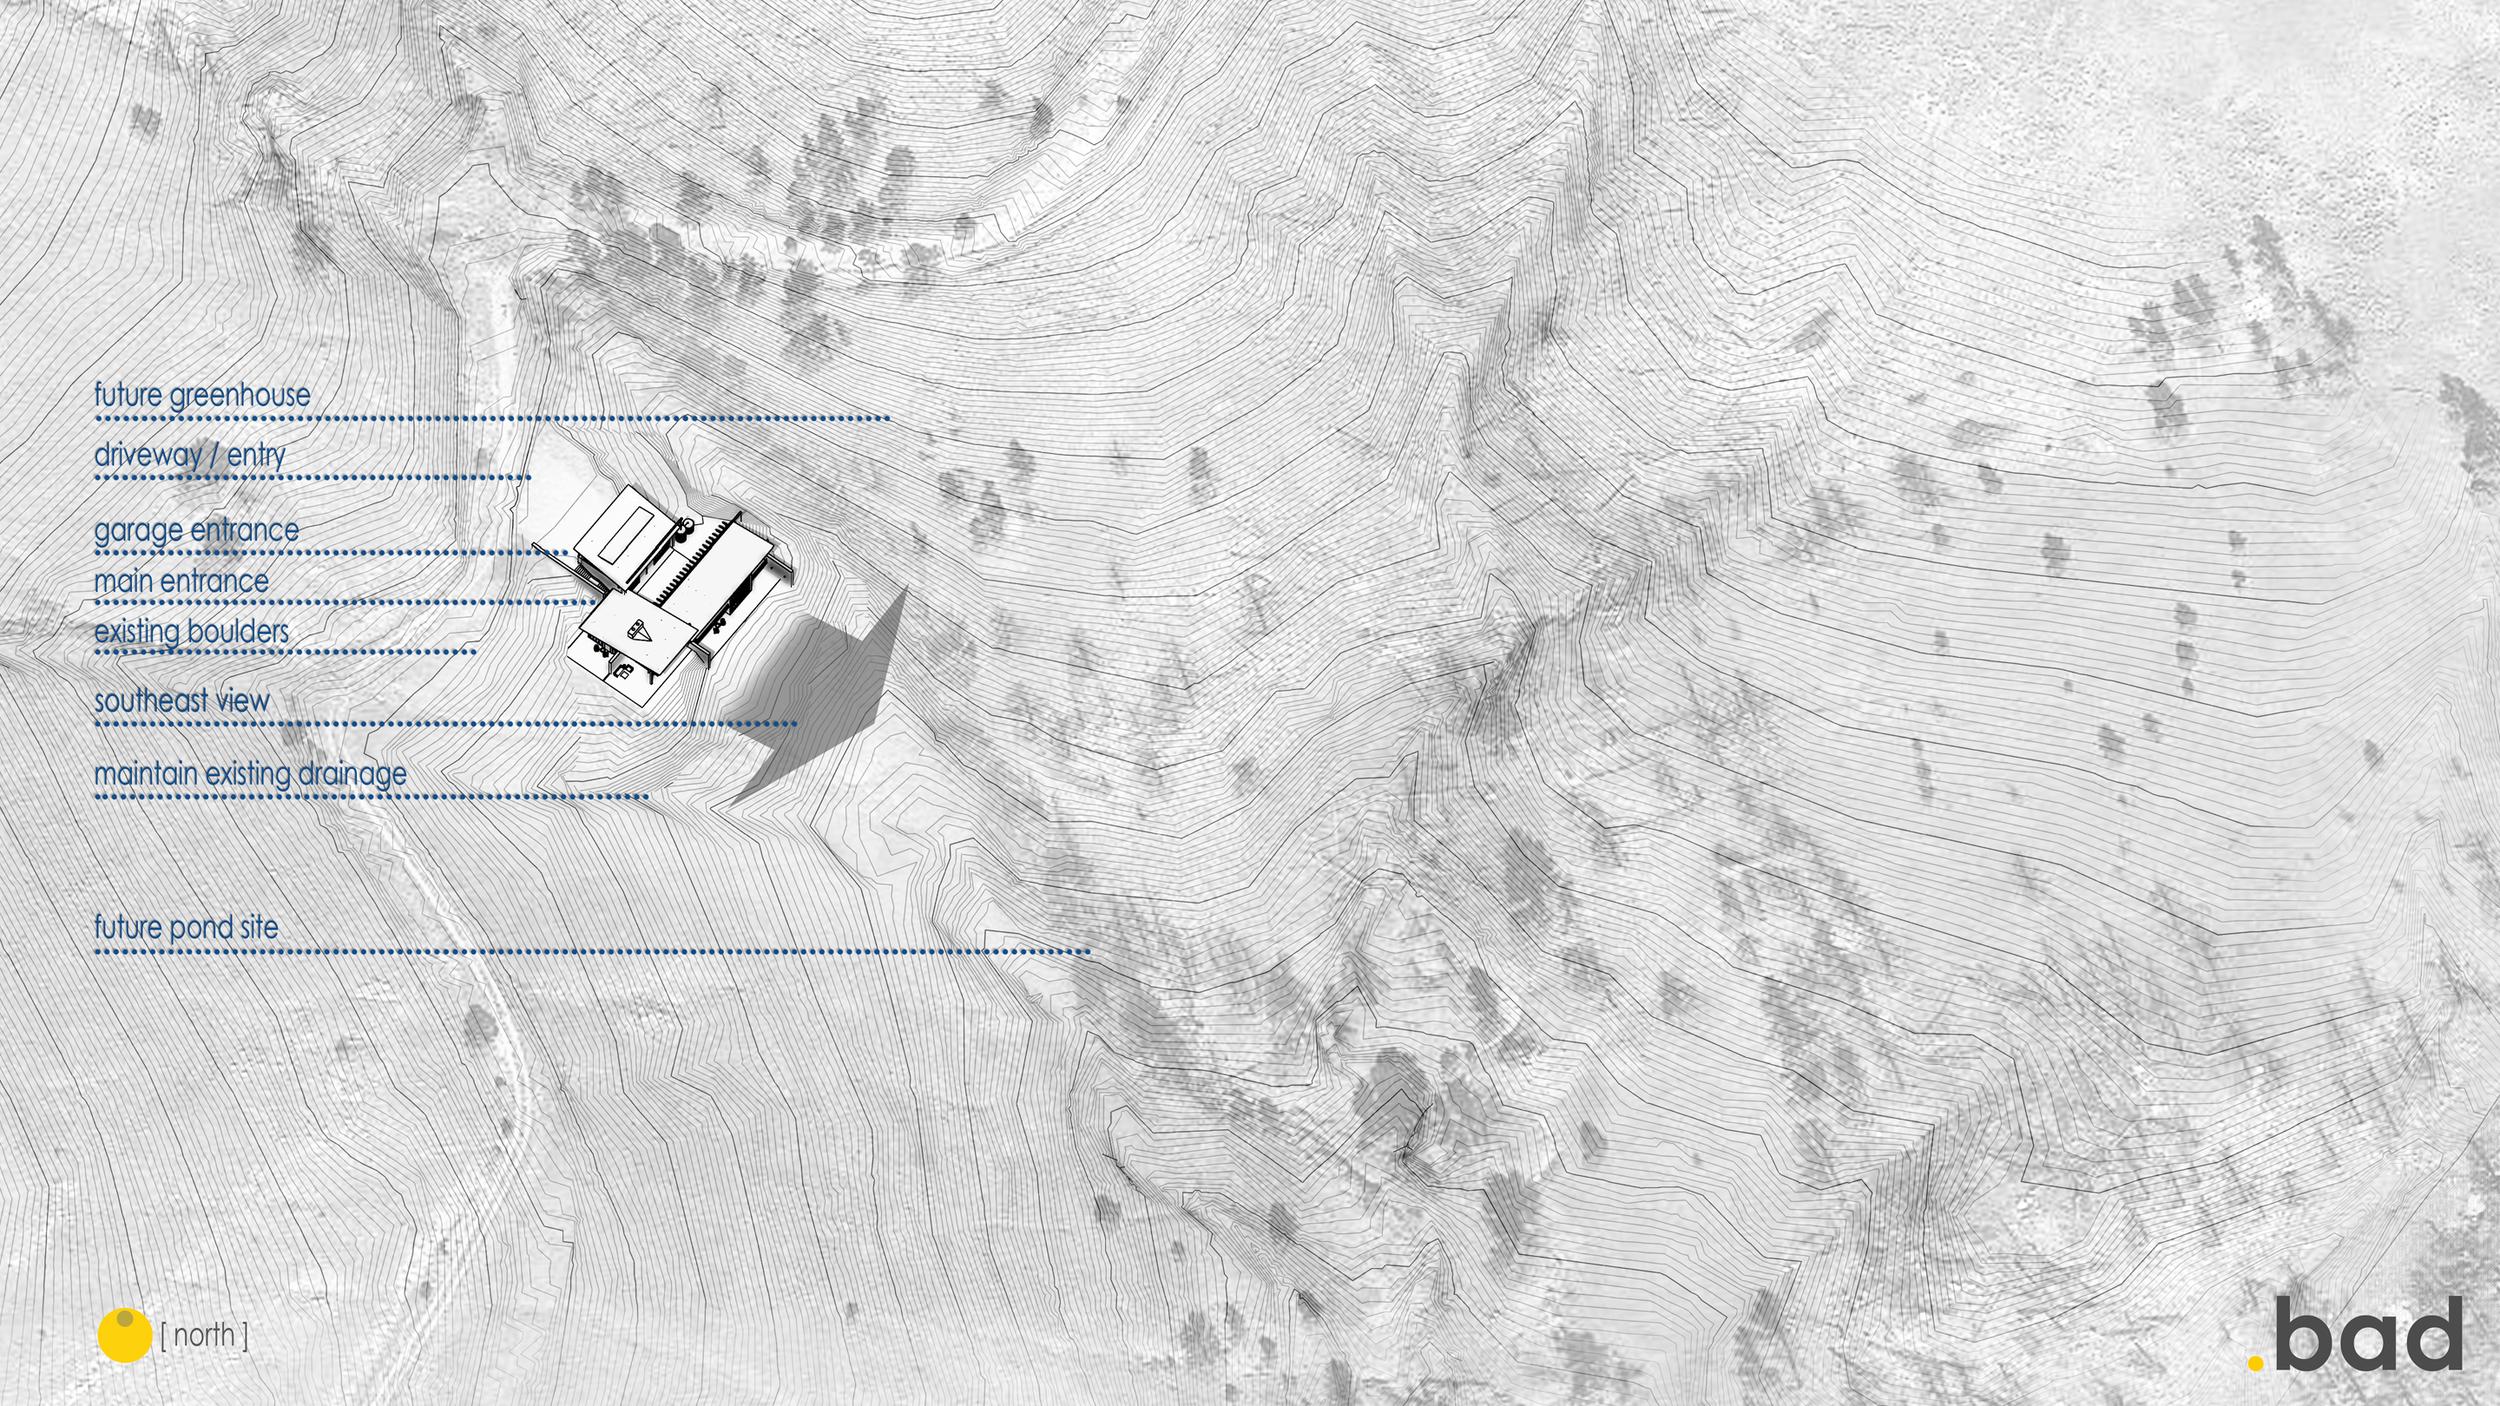 02A - Rocky Mountain - Site Plan Axon copy.jpg